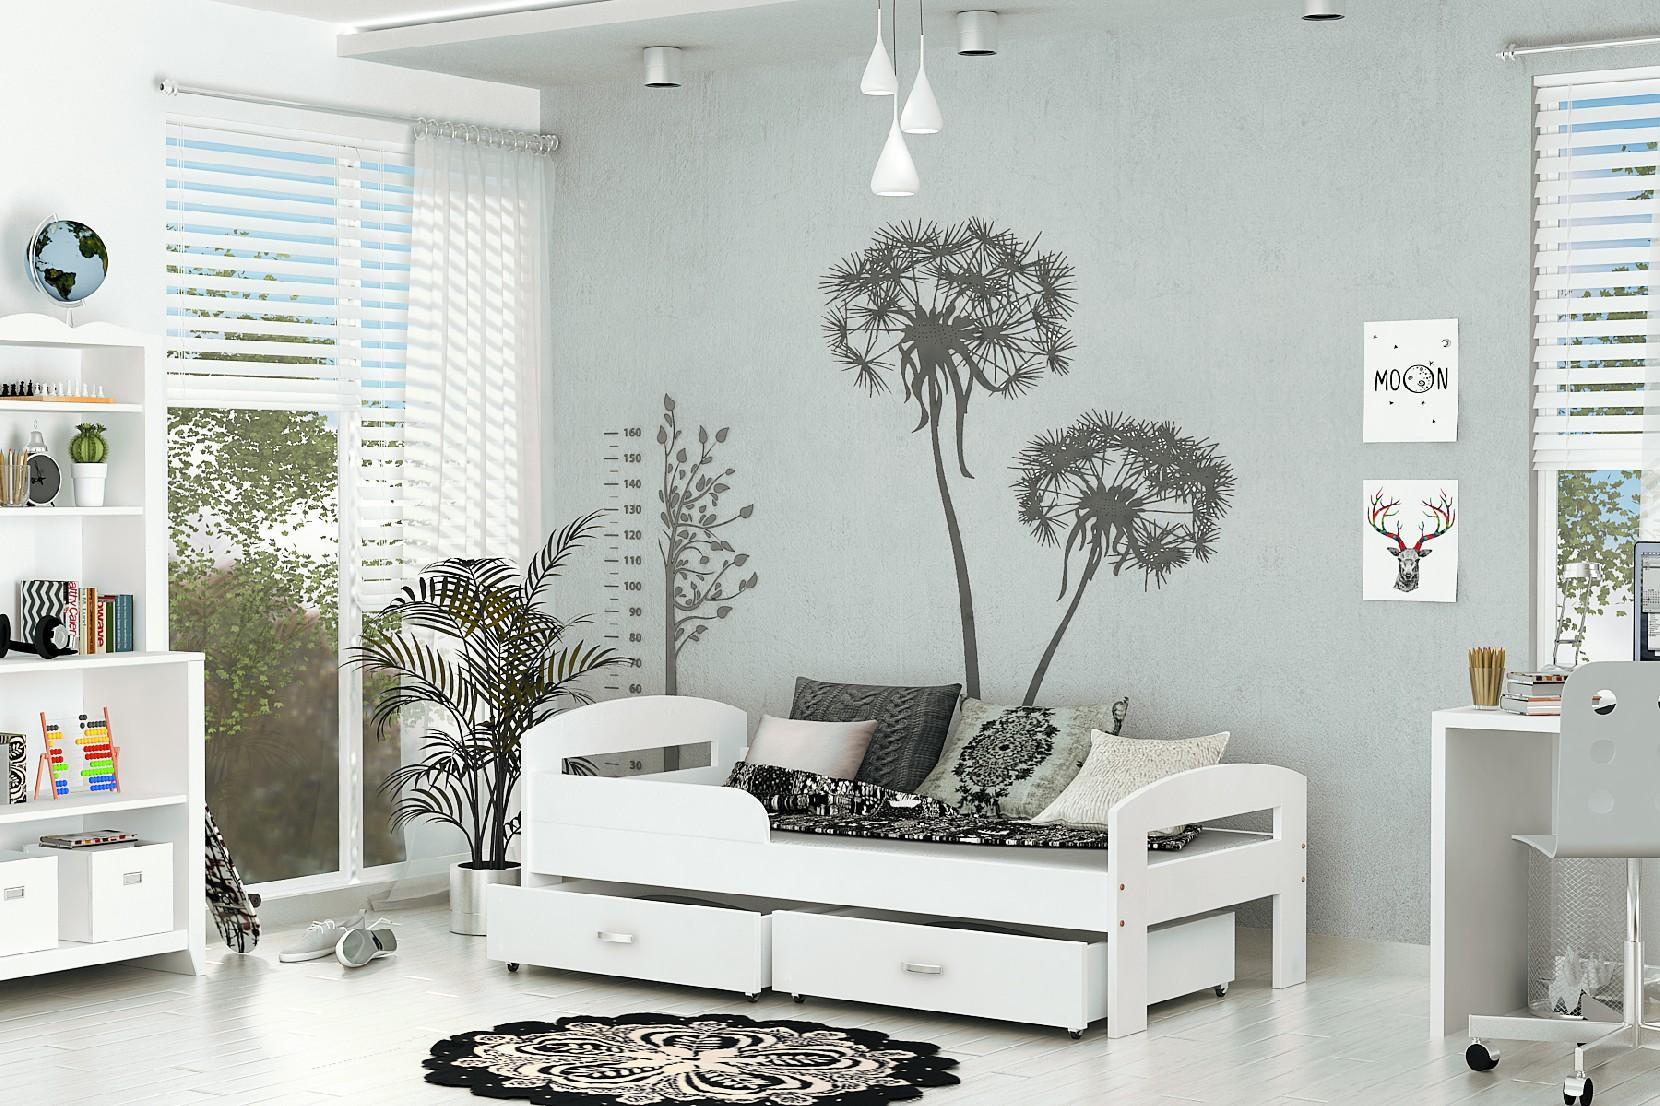 ArtAJ Detská posteľ GRZES 160x80 farebné prevedenie: biela s matracom